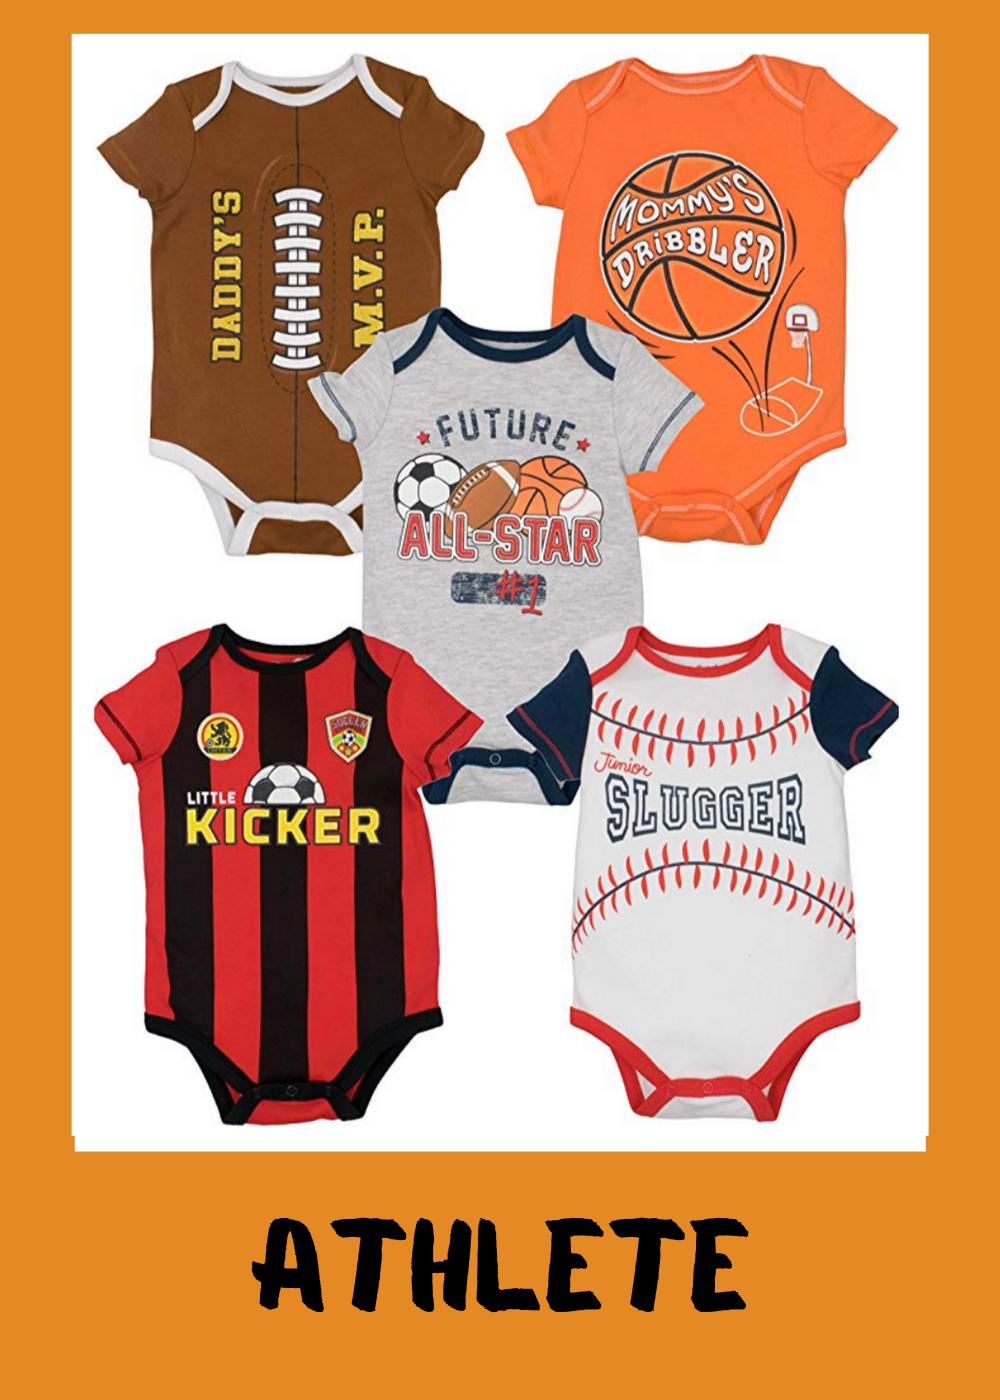 Soccer, baseball, basketball or football star + all-star   for $17.99 & up (set).